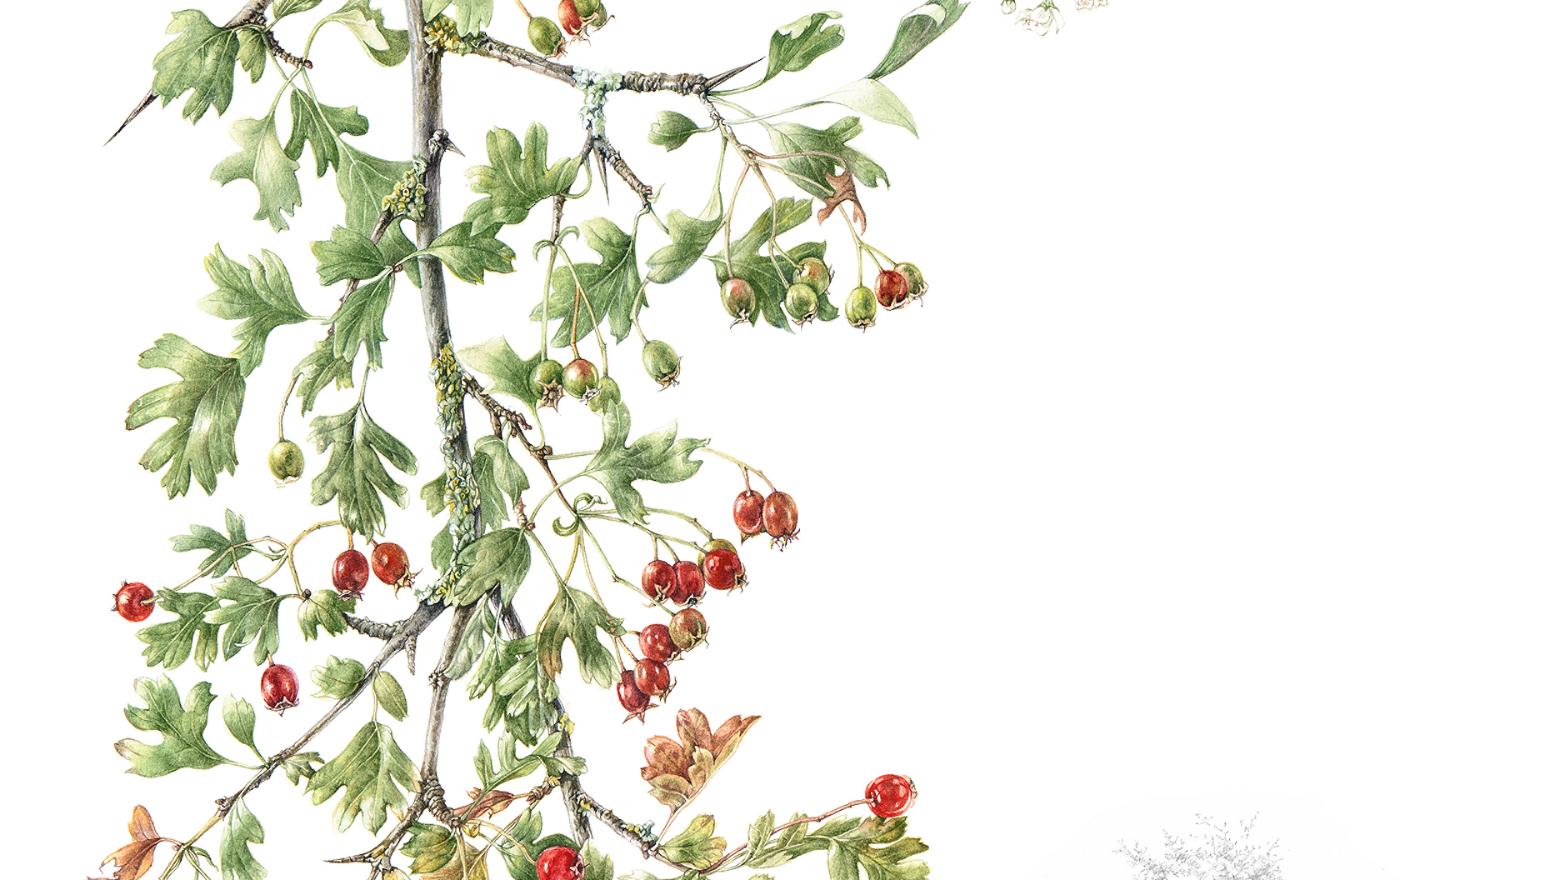 Hawthorn © Margaret Fitzpatrick